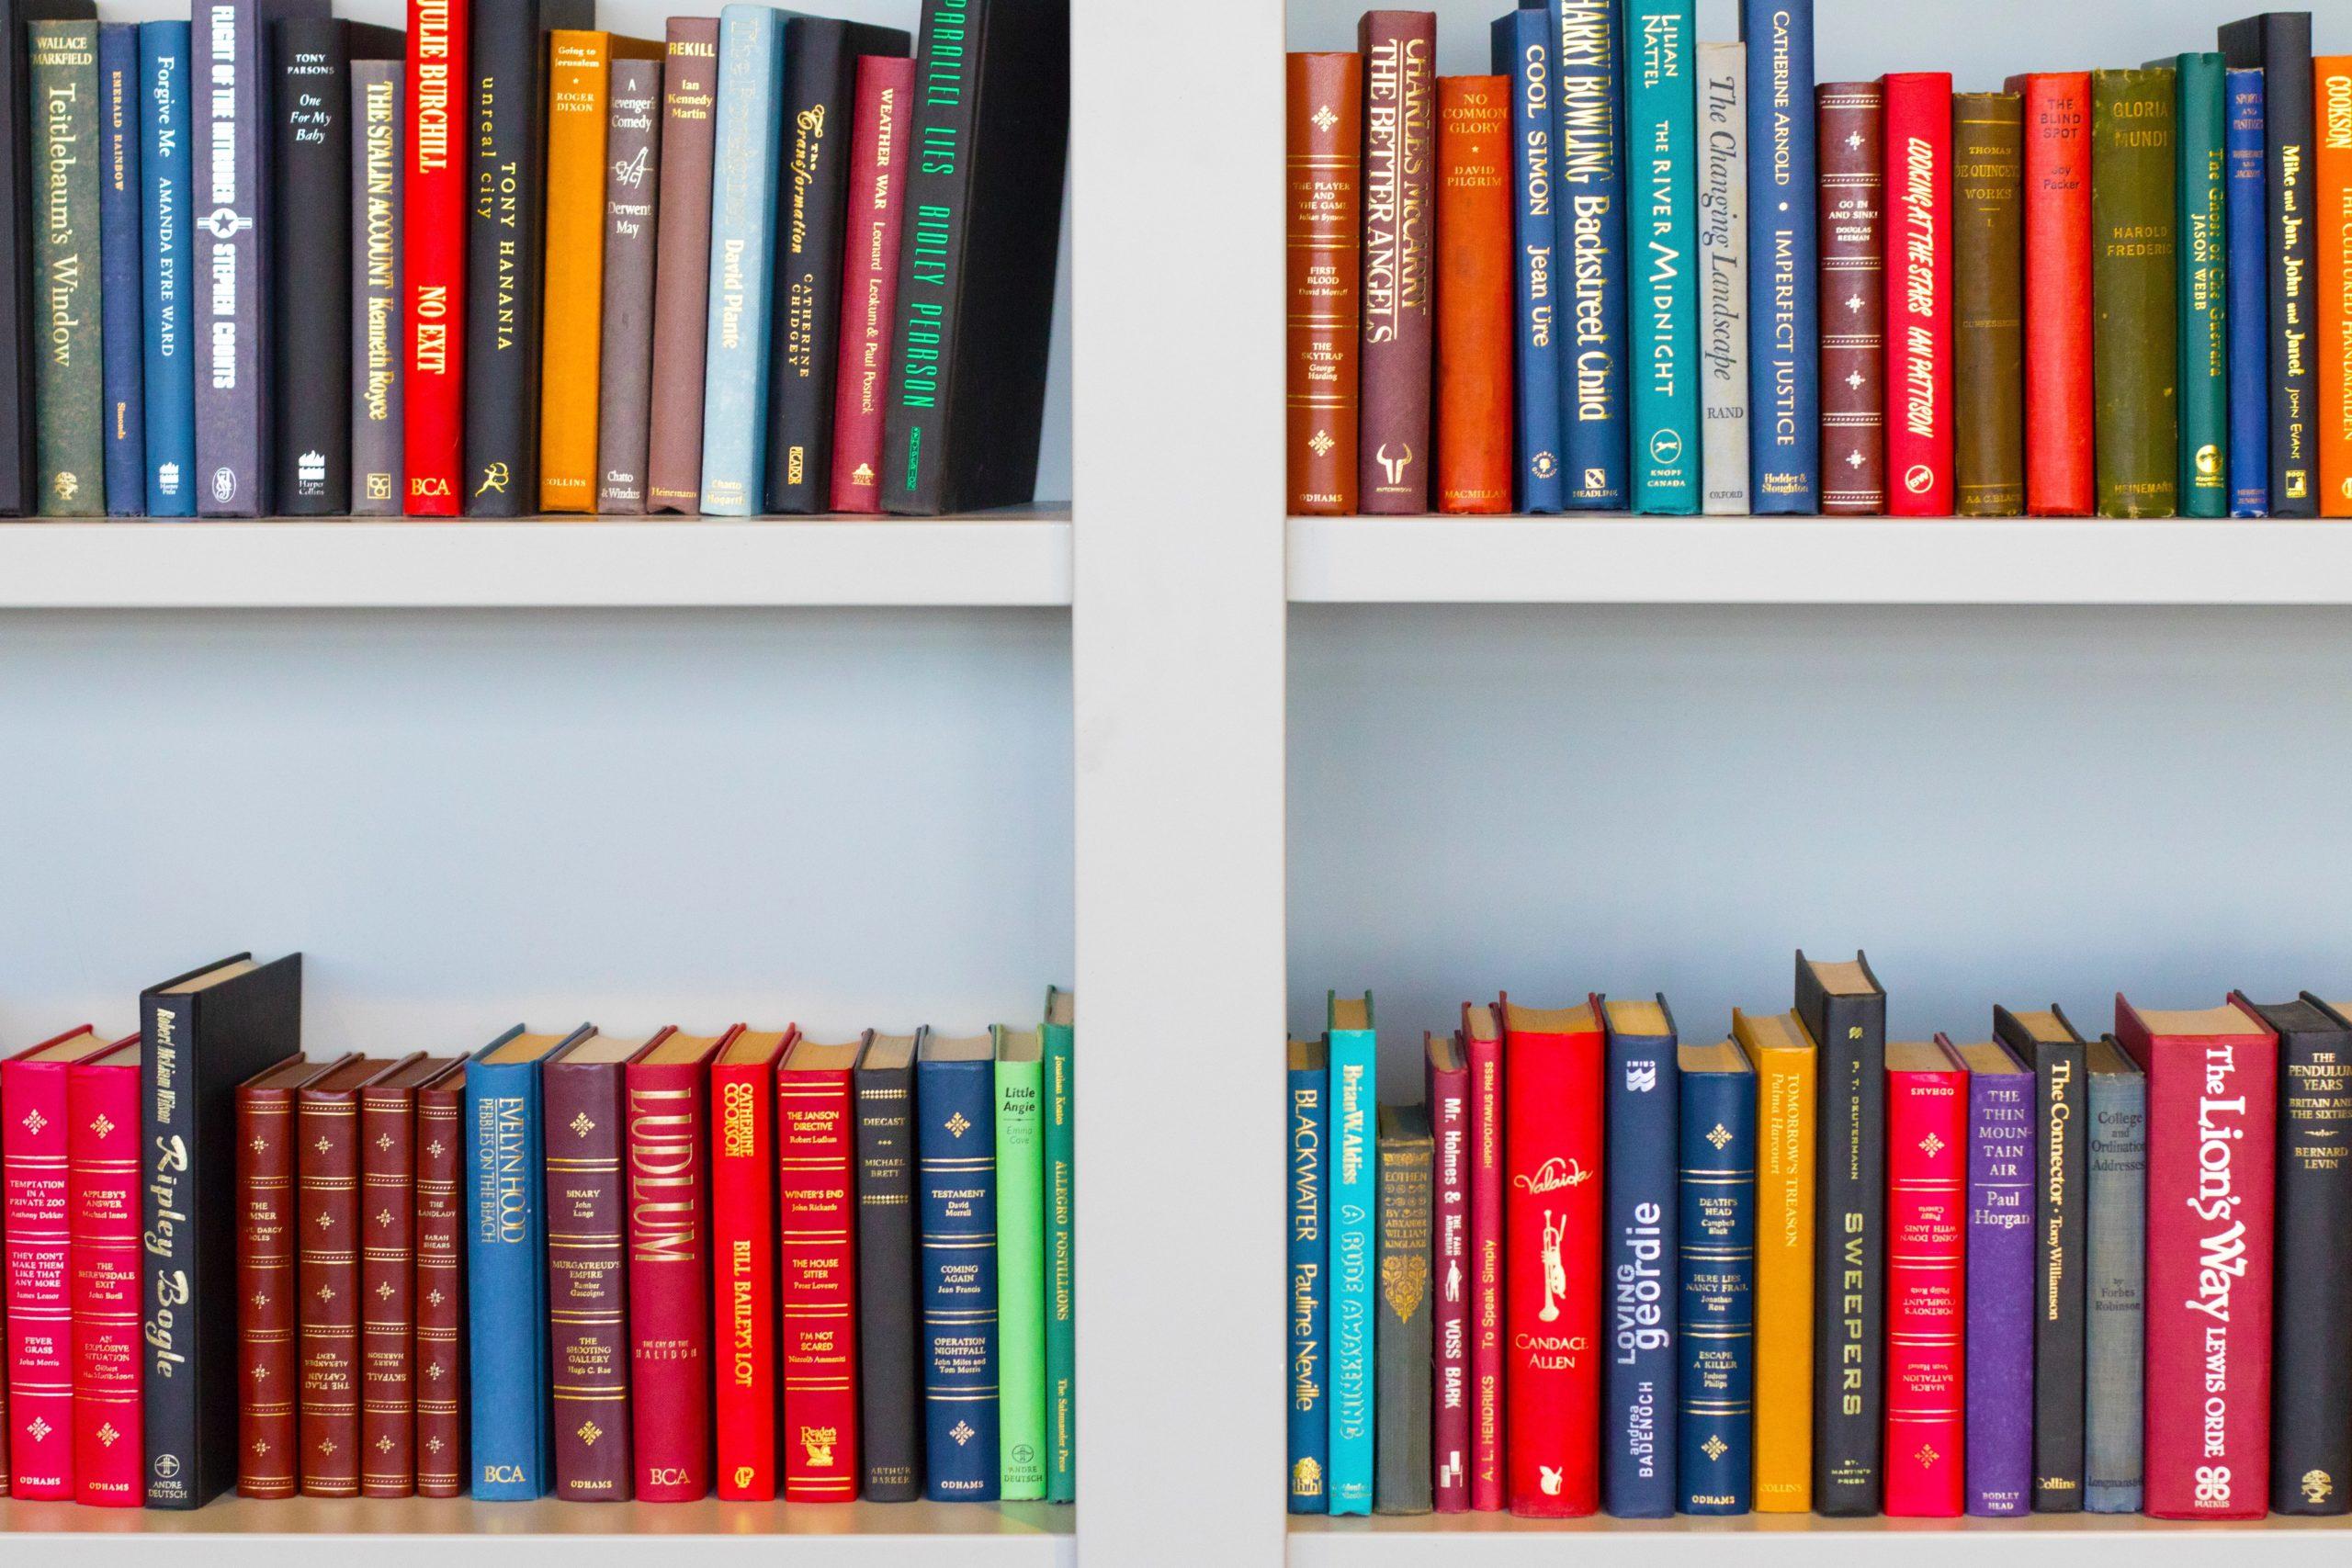 Komunikacja międzykulturowa: książki o różnych kulturach